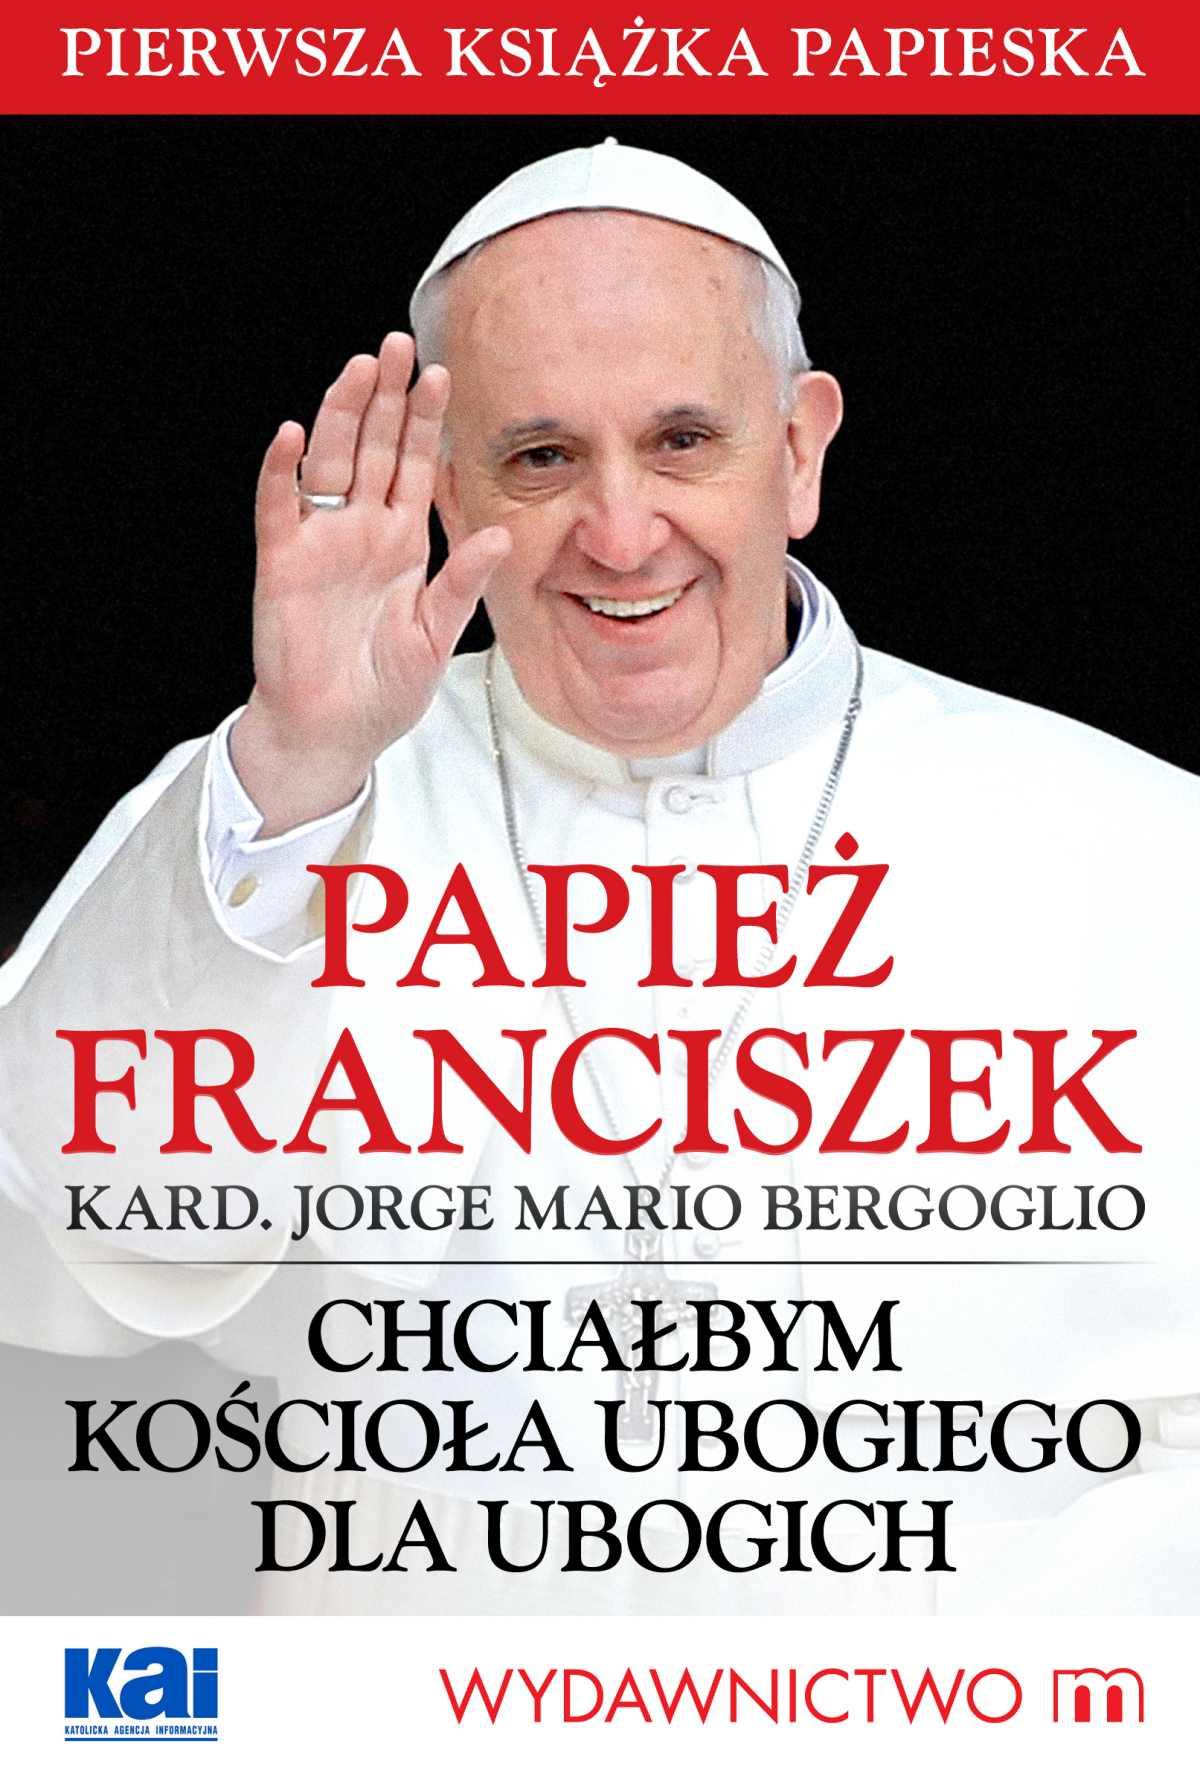 Papież Franciszek - Chciałbym Kościoła ubogiego dla ubogich - Ebook (Książka EPUB) do pobrania w formacie EPUB